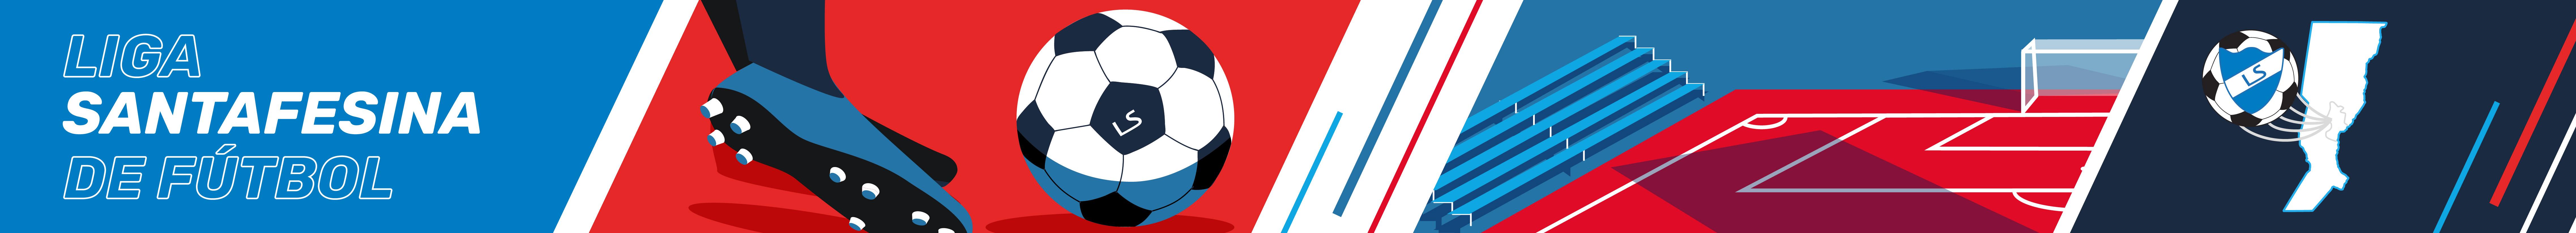 Liga Santafesina de Futbol